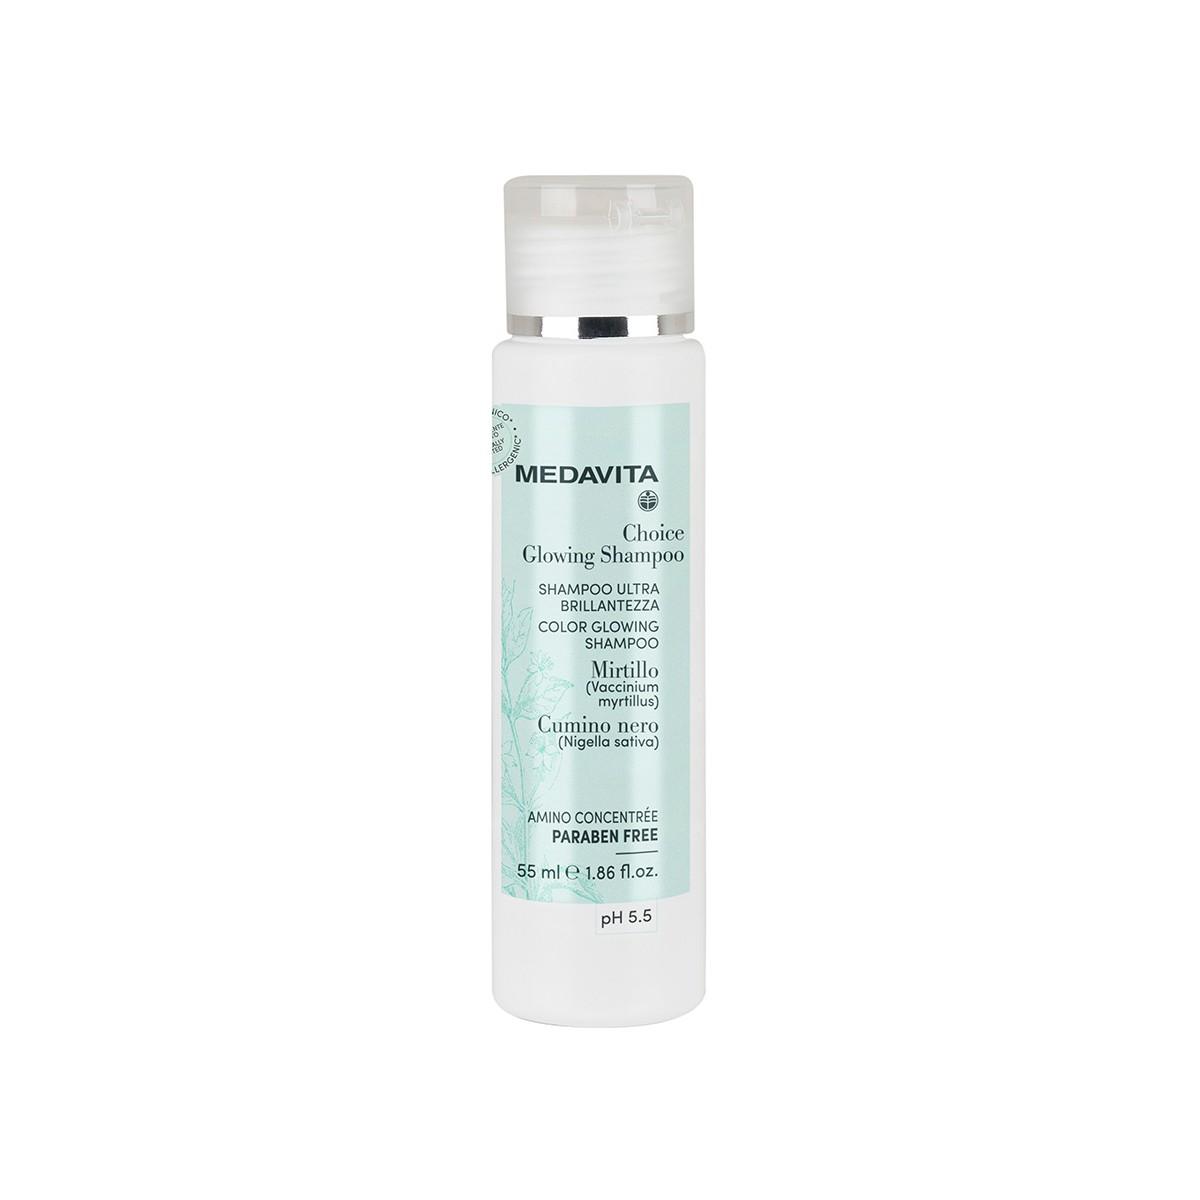 MEDAVITA Choice Color Glowing Shampoo 55ml - Szampon do każdego rodzaju włosów rozświetlający